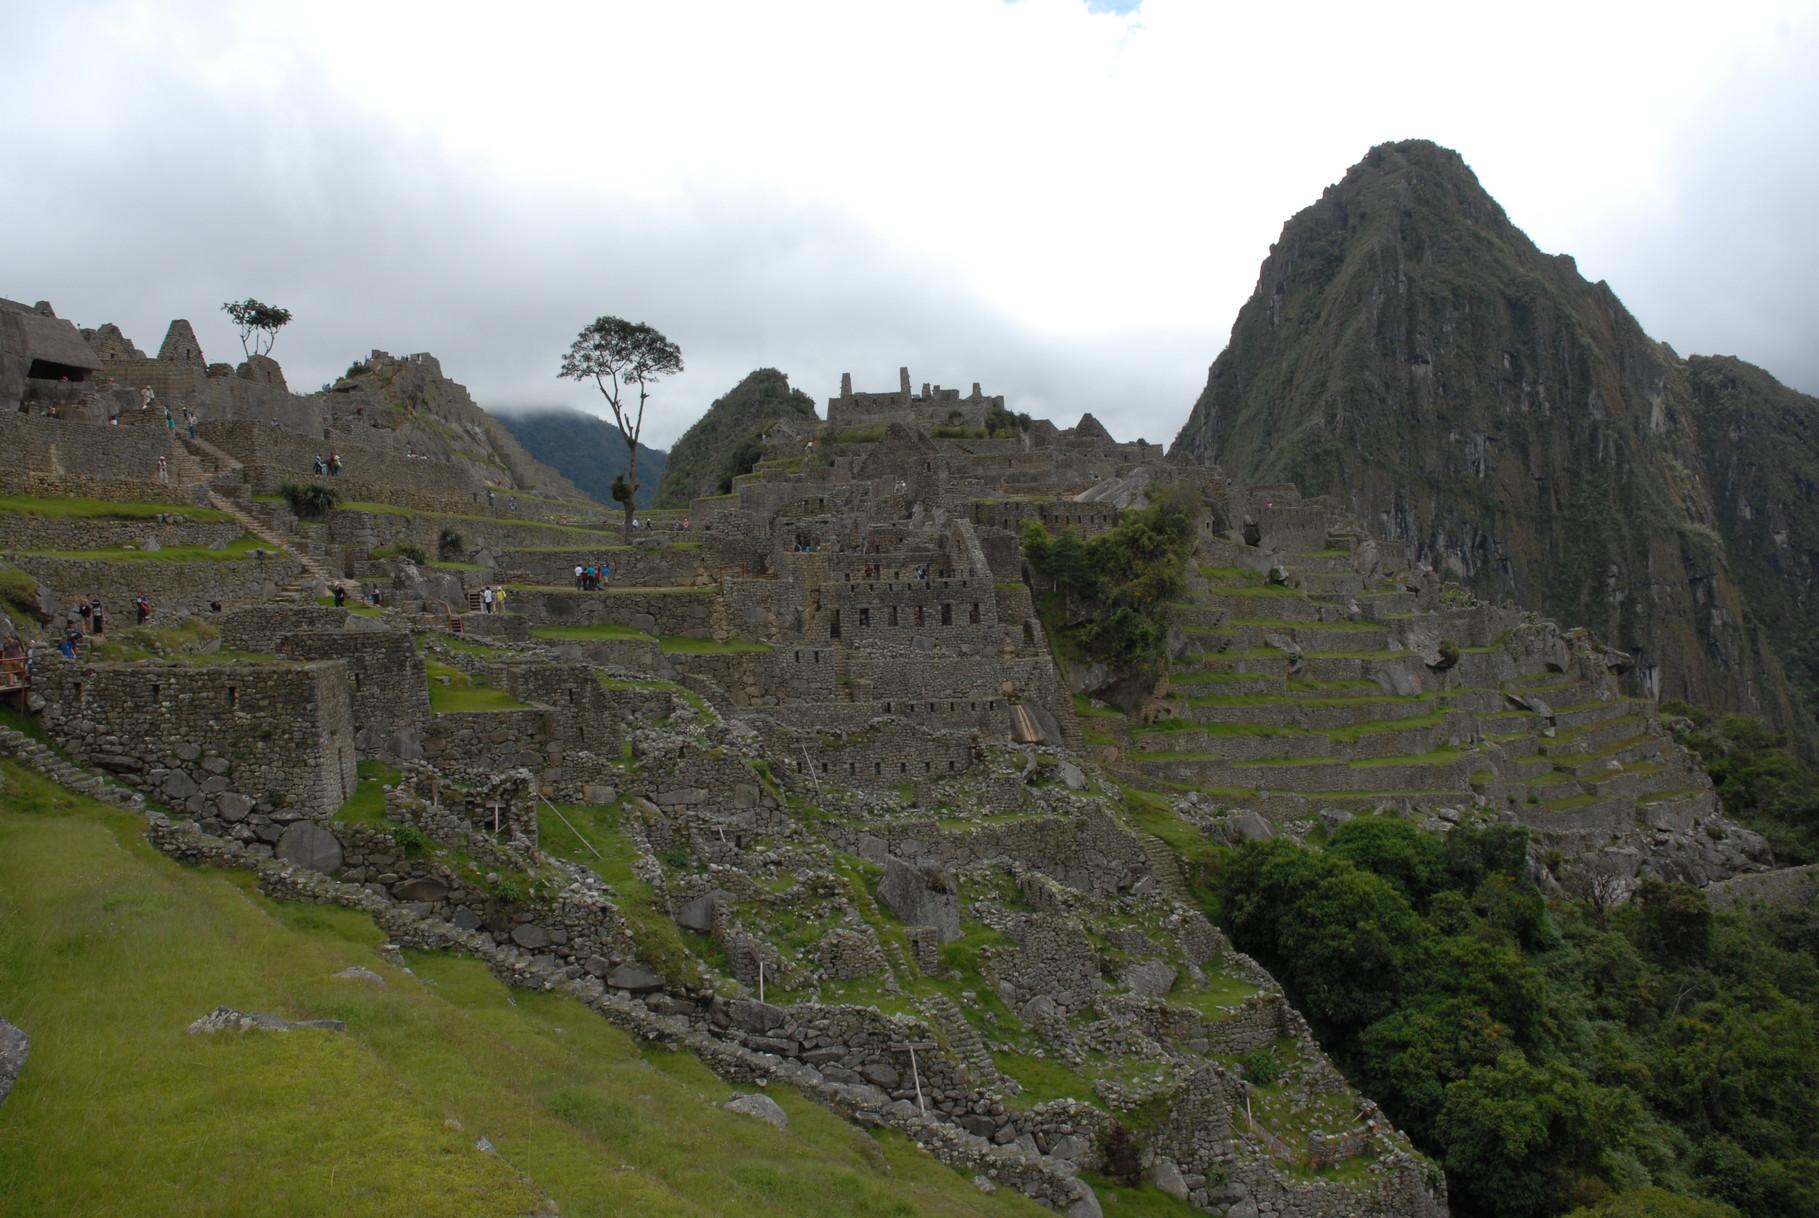 Abschied von Machu Picchu